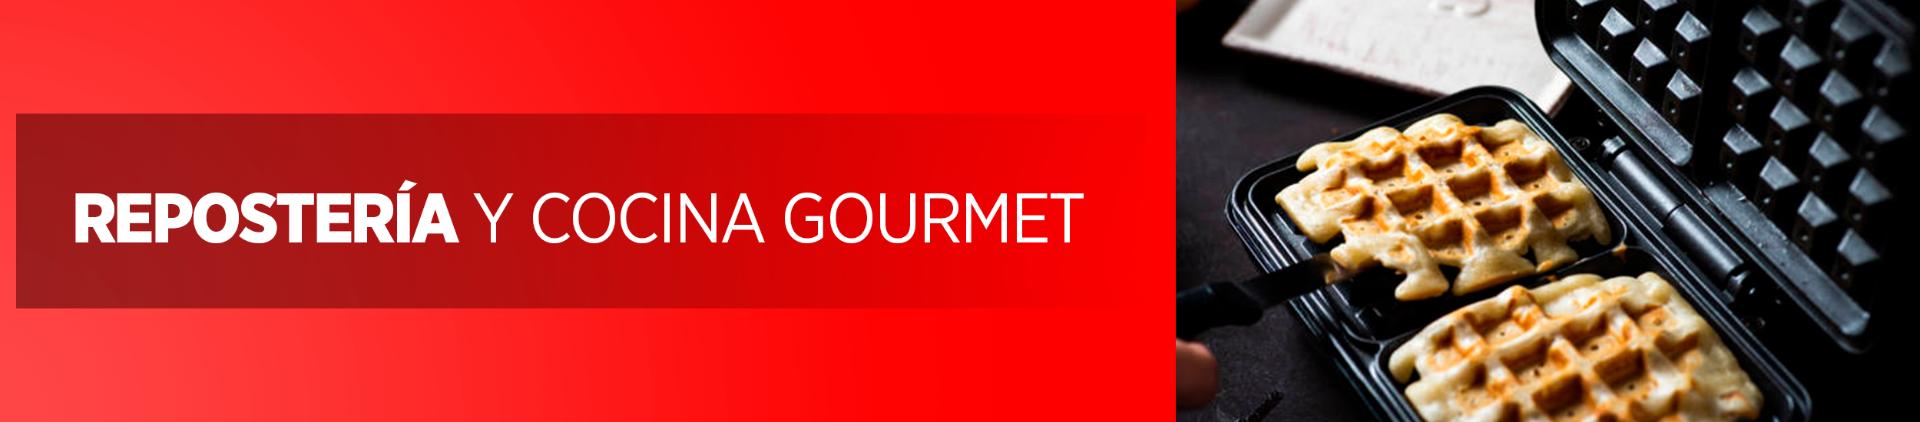 Repostería Y Cocina Gourmet | Dismac